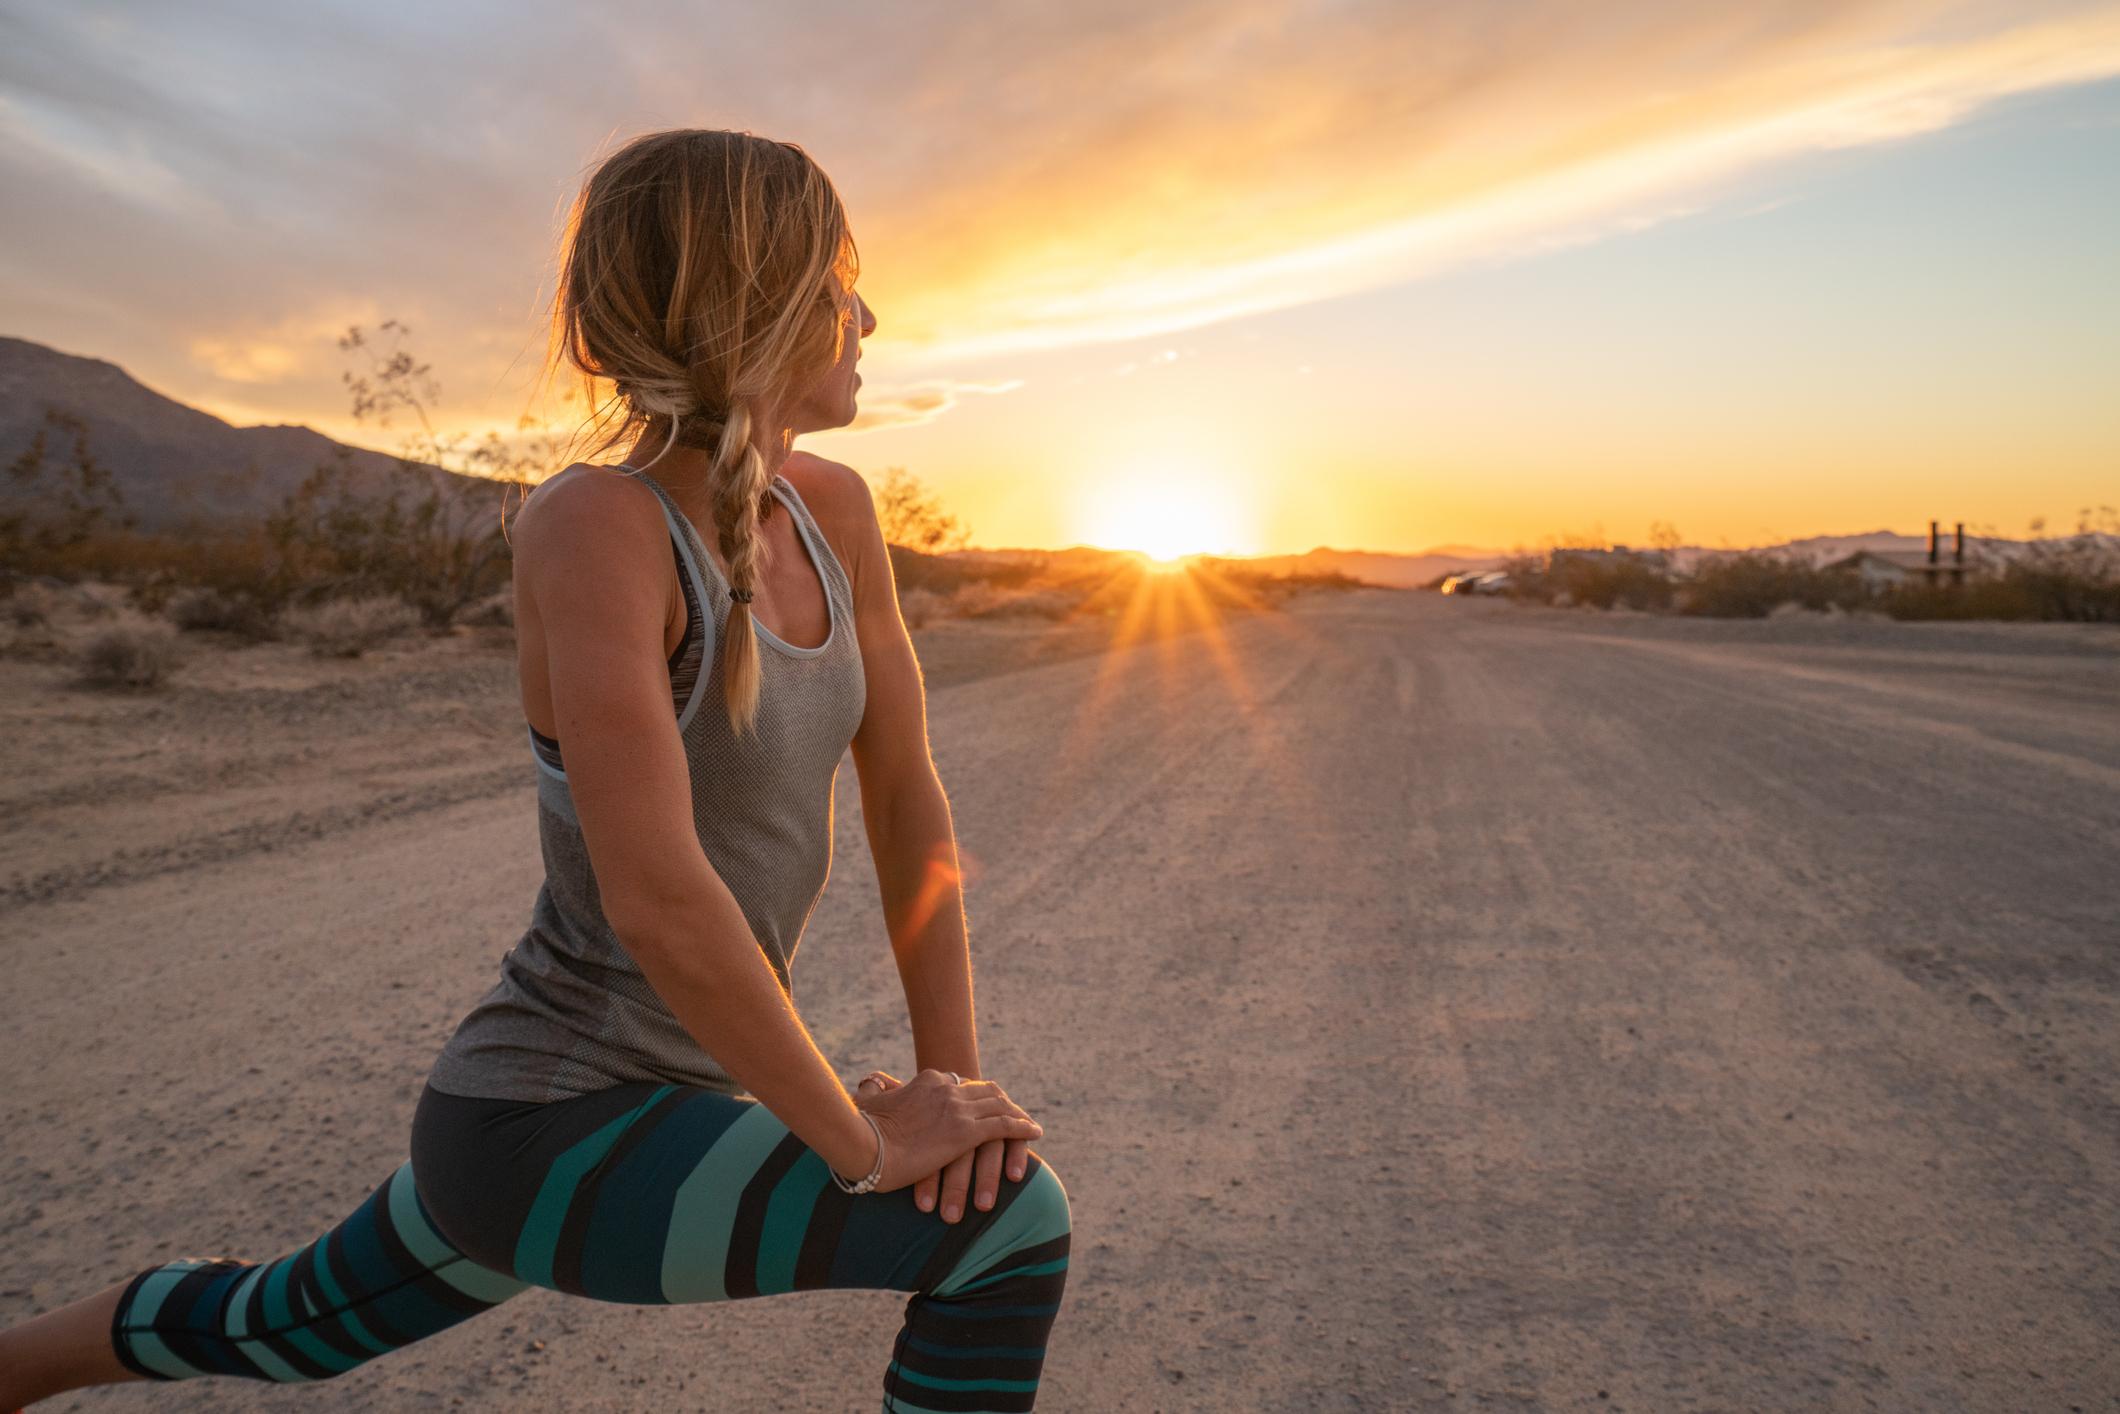 Mujer joven estirando el cuerpo después de trotar, puesta de sol al final del camino; mujer estira el cuerpo en la naturaleza, entrenamiento al aire libre